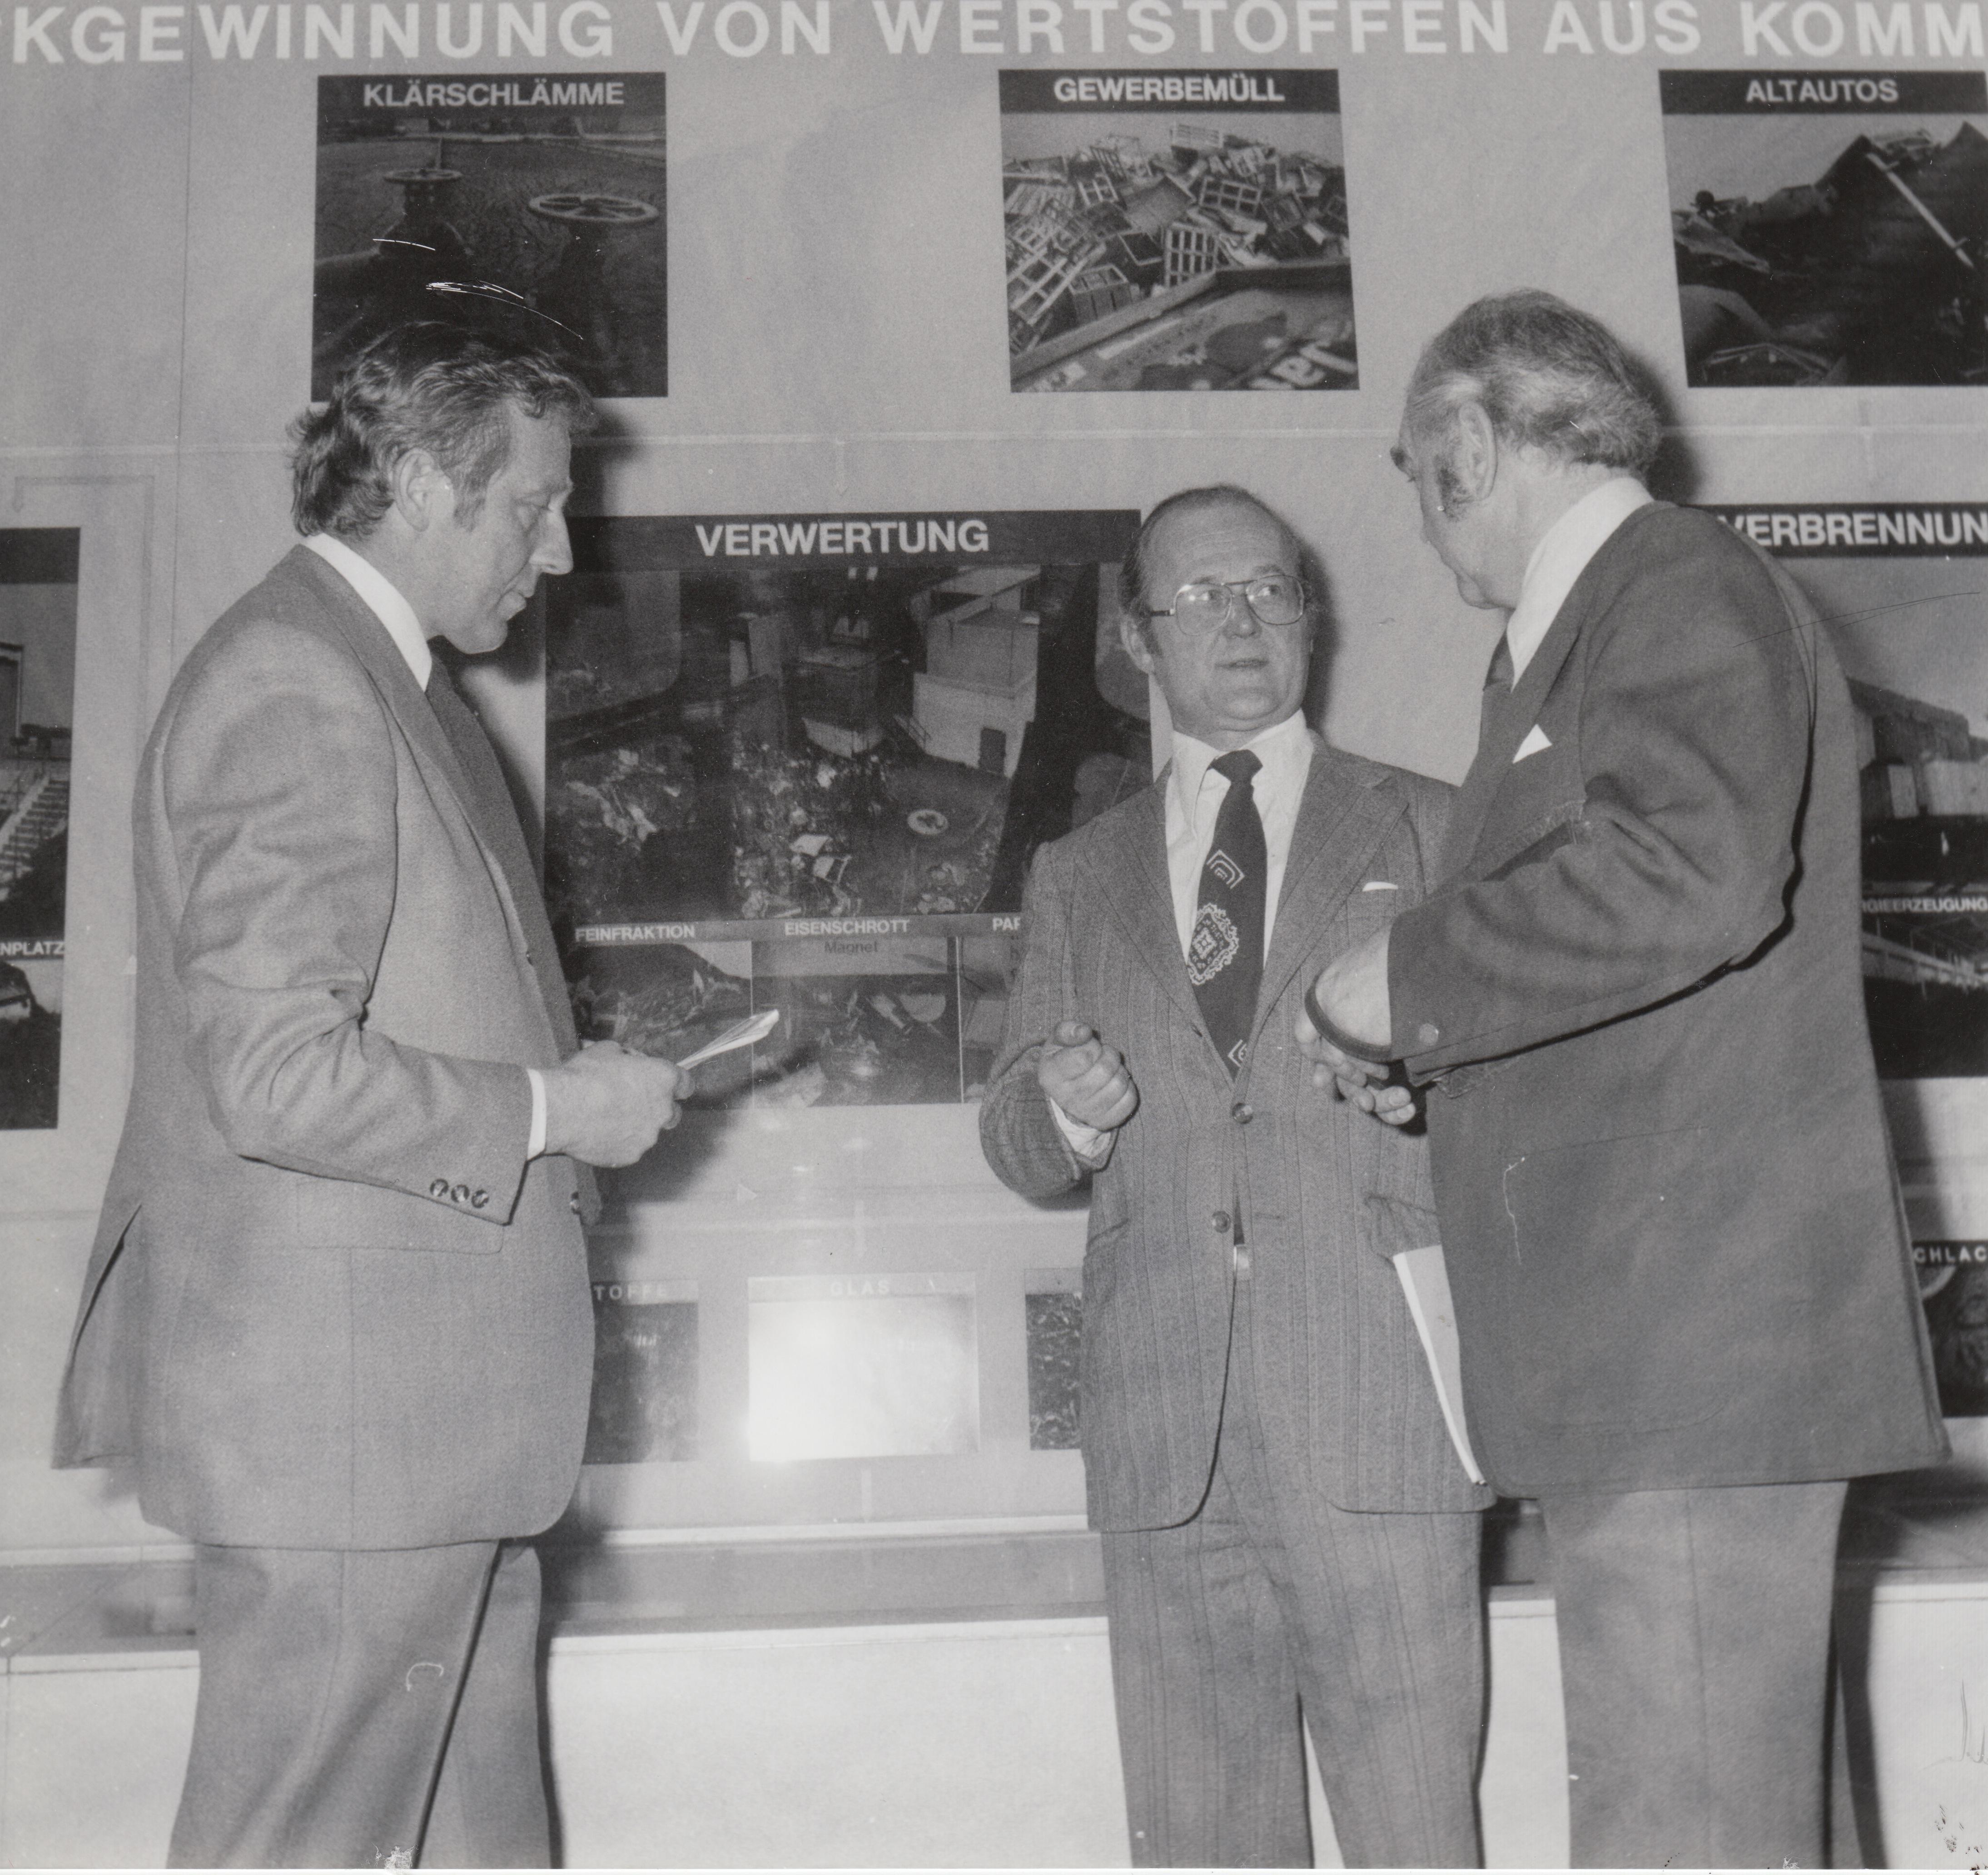 Hannover Messe 1977: UBA-Präsident Heinrich von Lersner (mitte) erläutert das Konzept des Umweltbundesamtes zur Rückgewinnung von Wertstoffen aus kommunalen Abfällen.